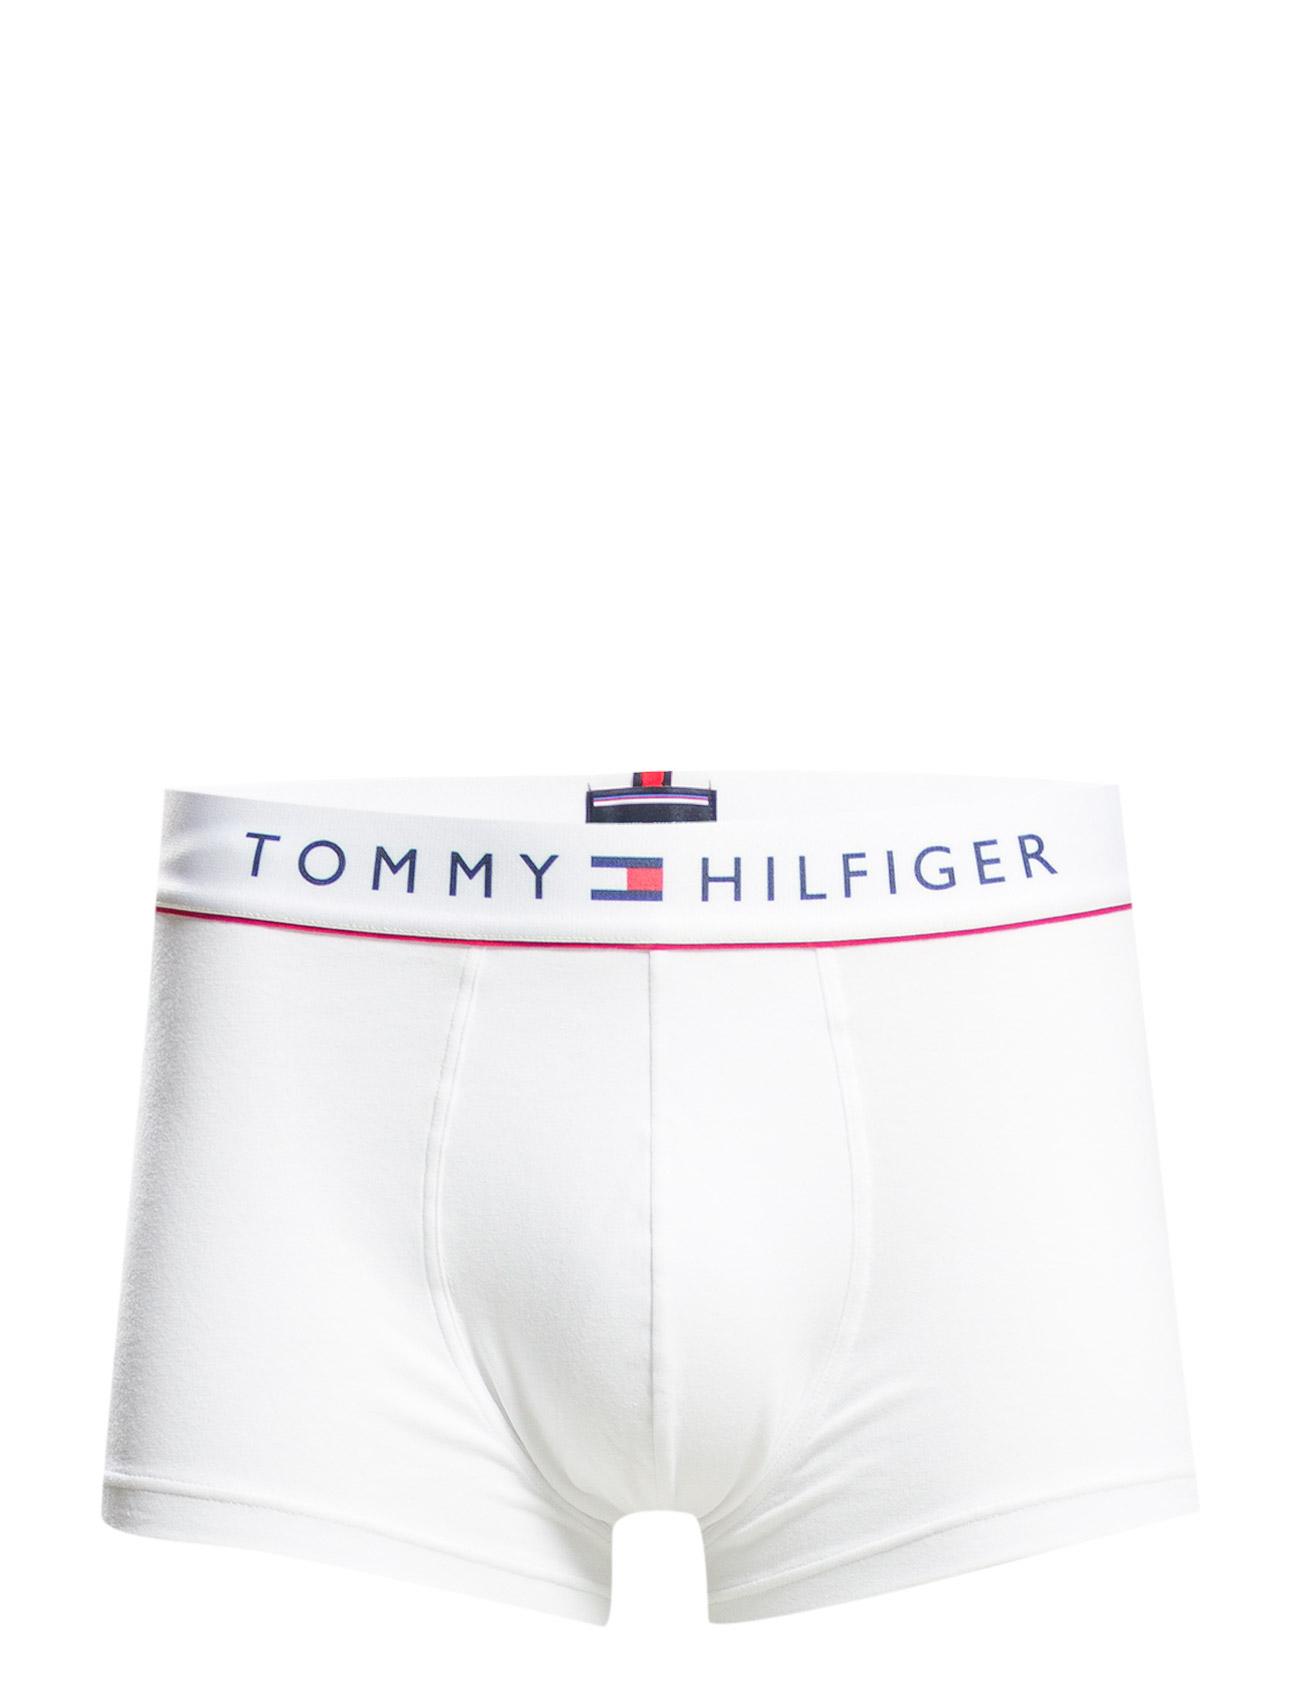 Cotton Low Rise Trunk Flex Tommy Hilfiger Boxershorts til Mænd i Blå